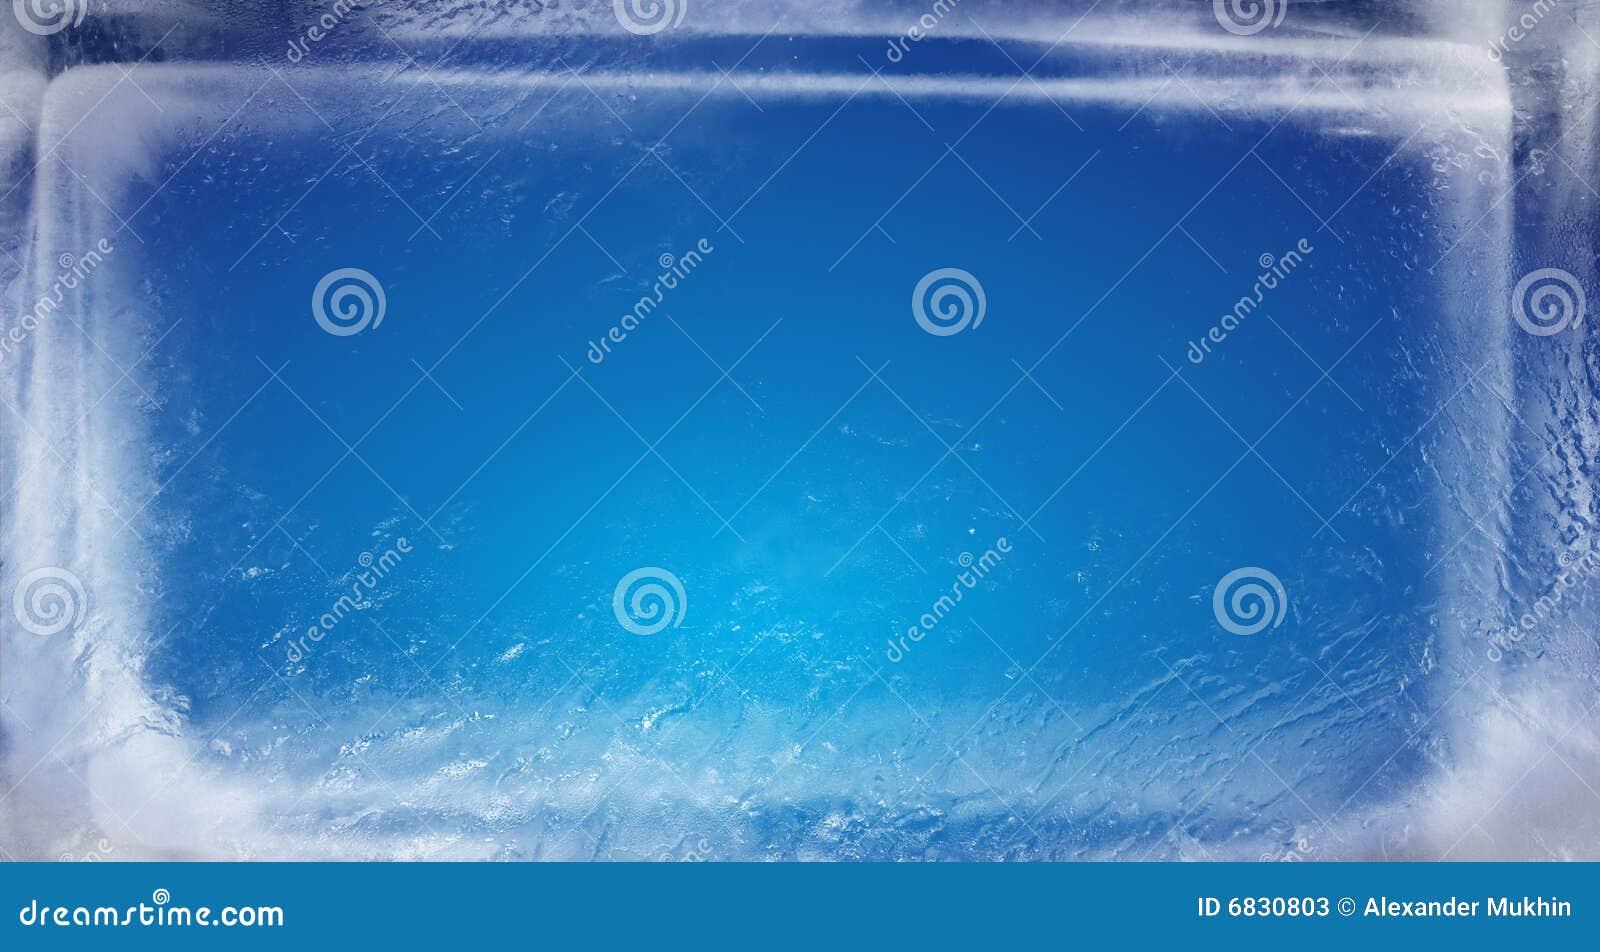 Blue ice brick